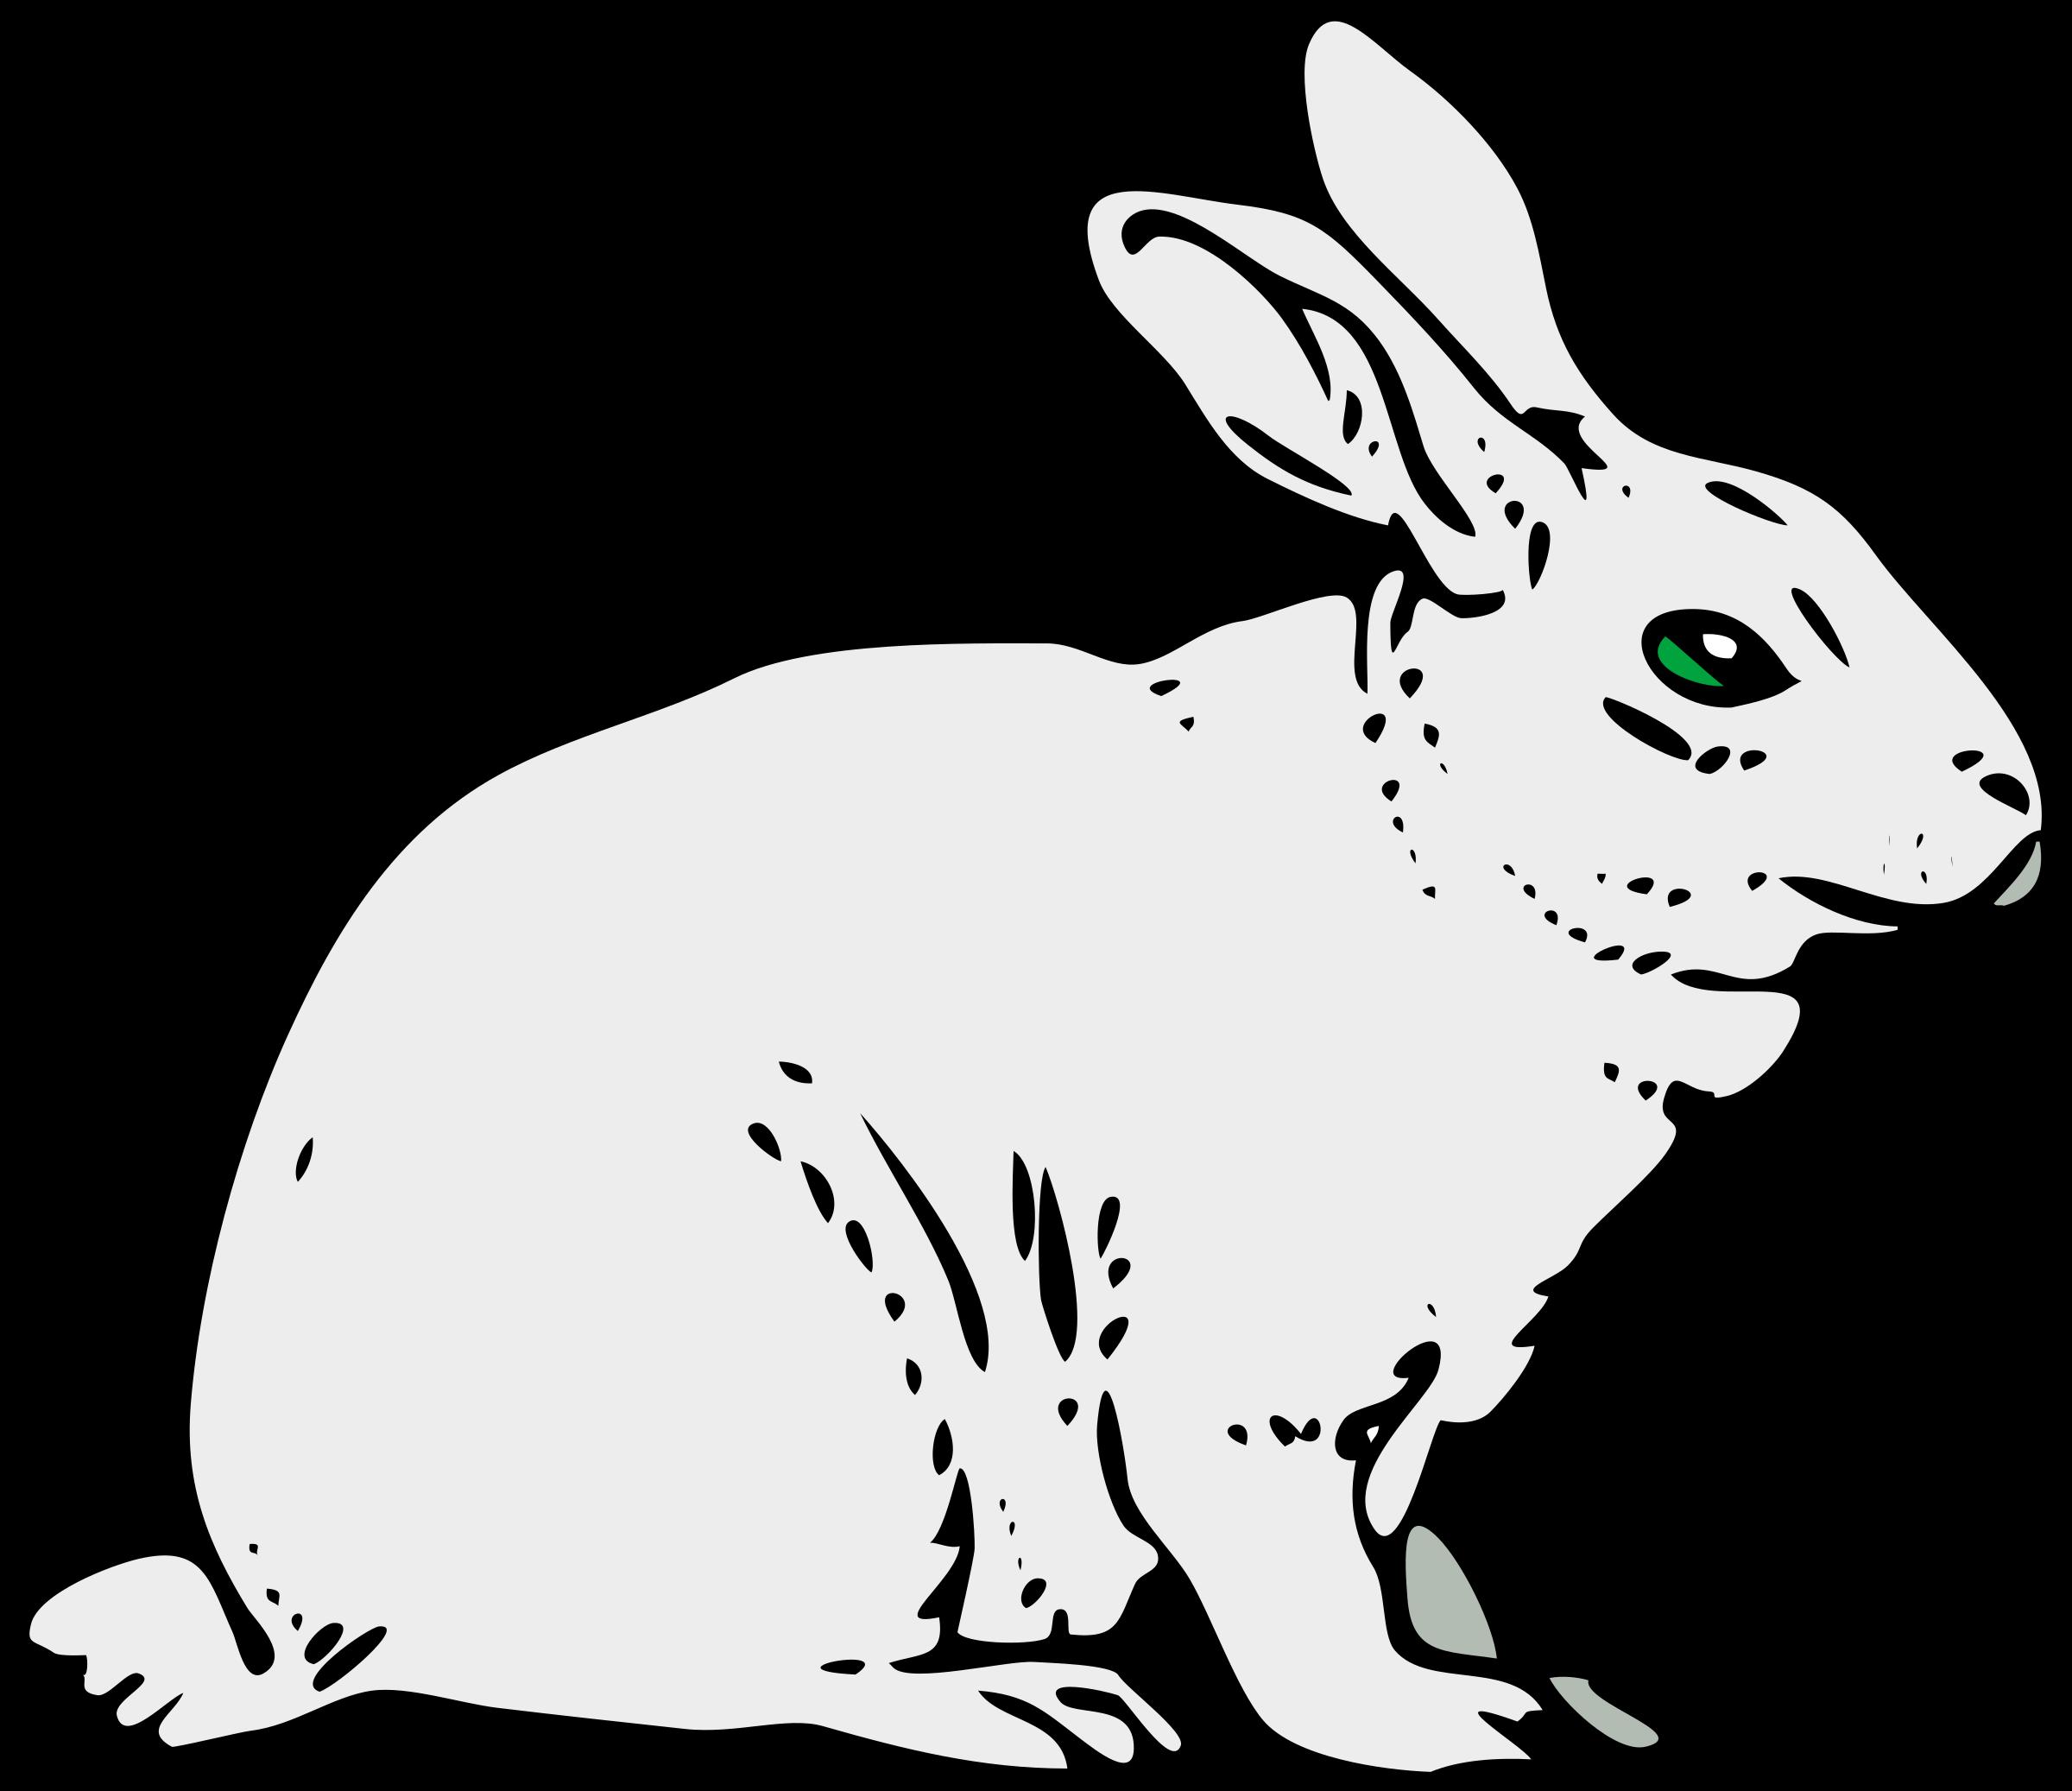 Architetto coniglio big image. Clipart bunny woodland